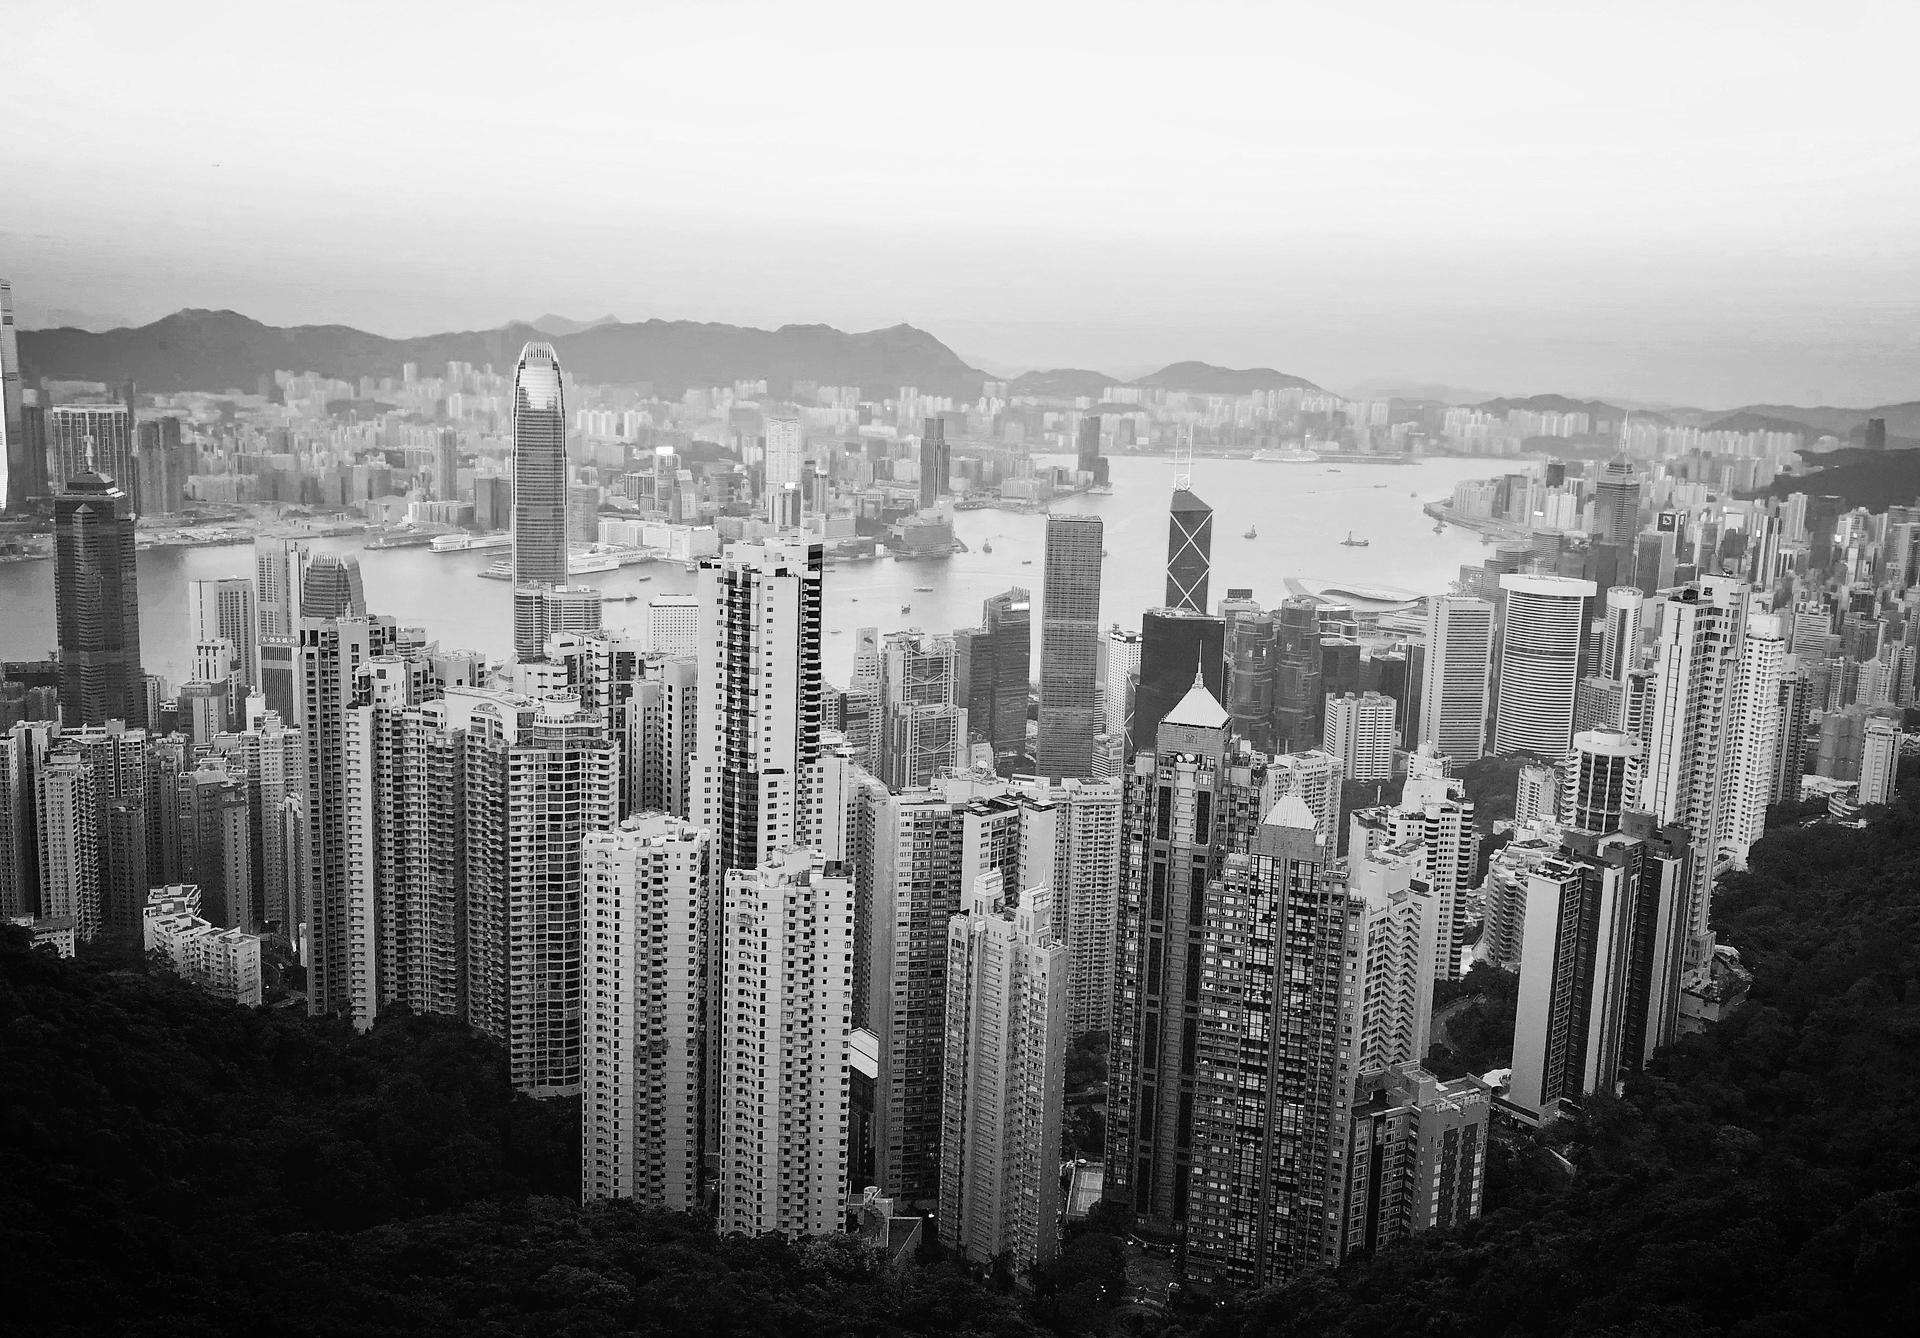 Hong Kong - hongkong@laguardia.capital